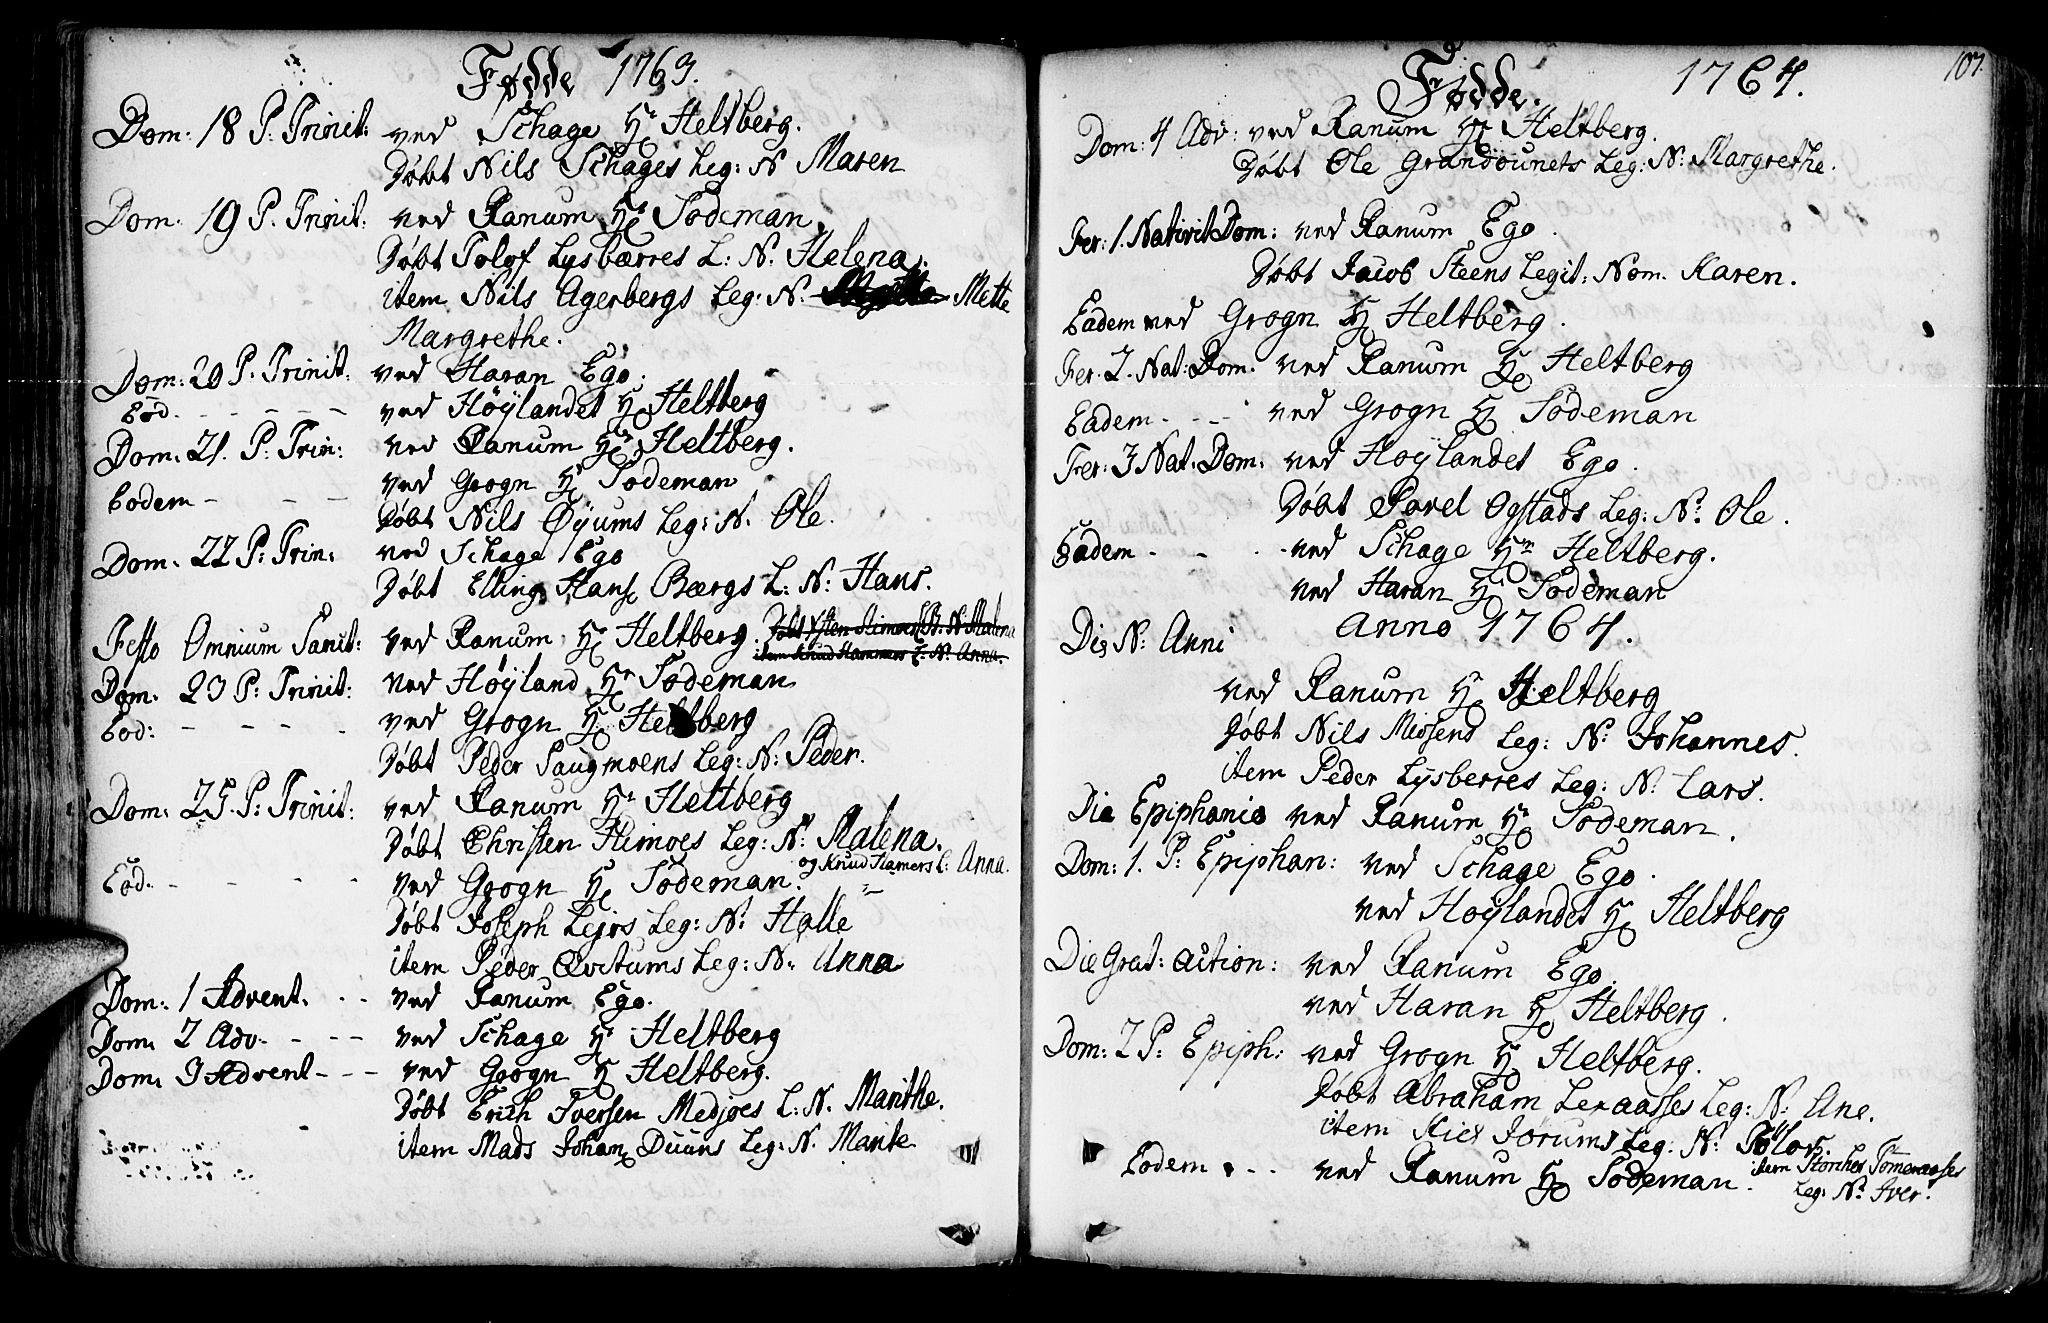 SAT, Ministerialprotokoller, klokkerbøker og fødselsregistre - Nord-Trøndelag, 764/L0542: Ministerialbok nr. 764A02, 1748-1779, s. 107